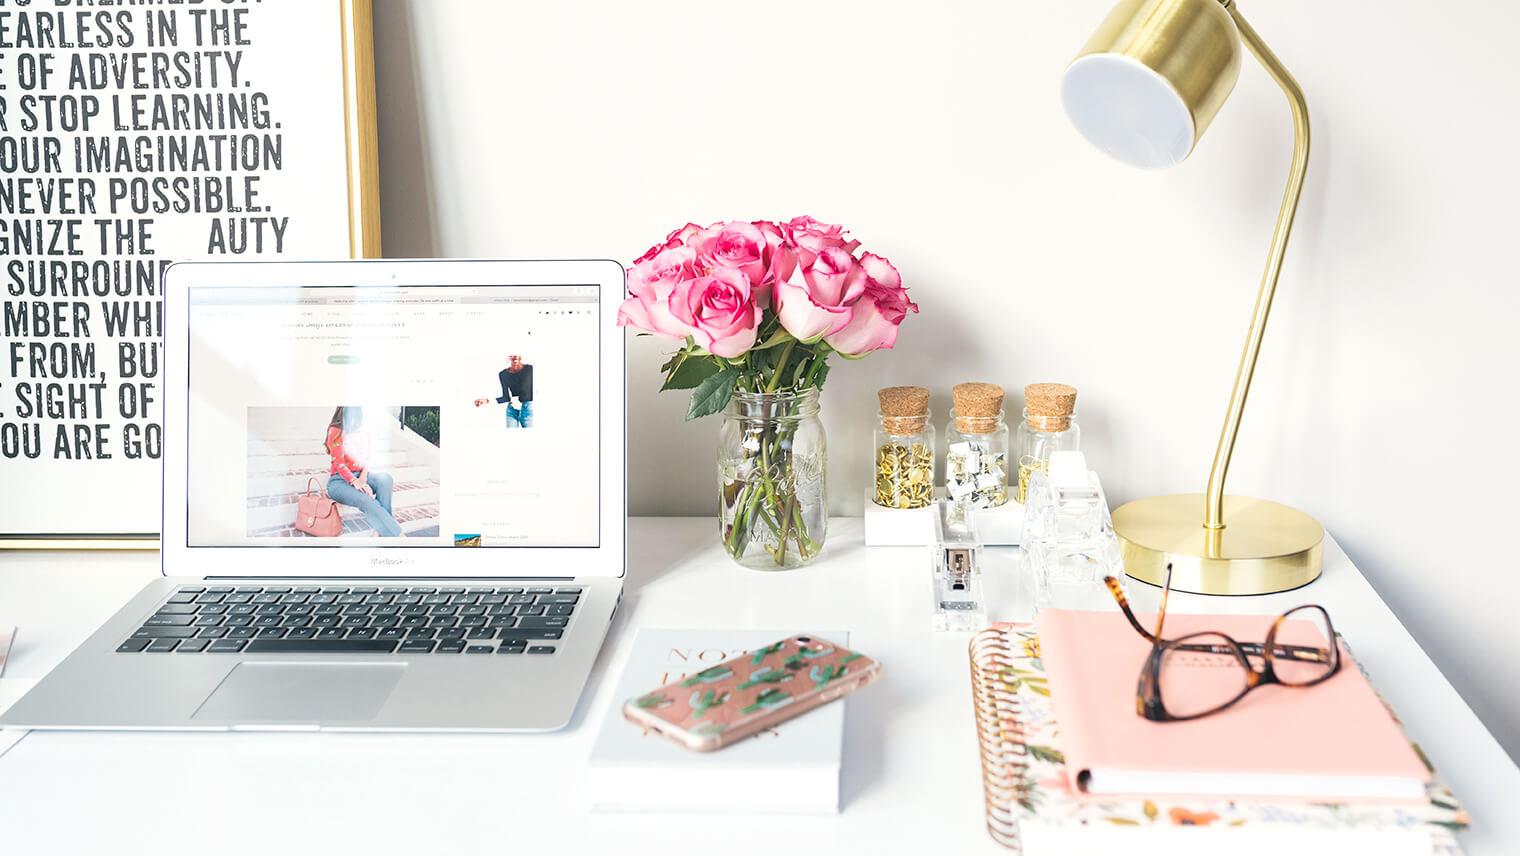 白い机の上に、macやお花、ノートやメガネが置かれている画像